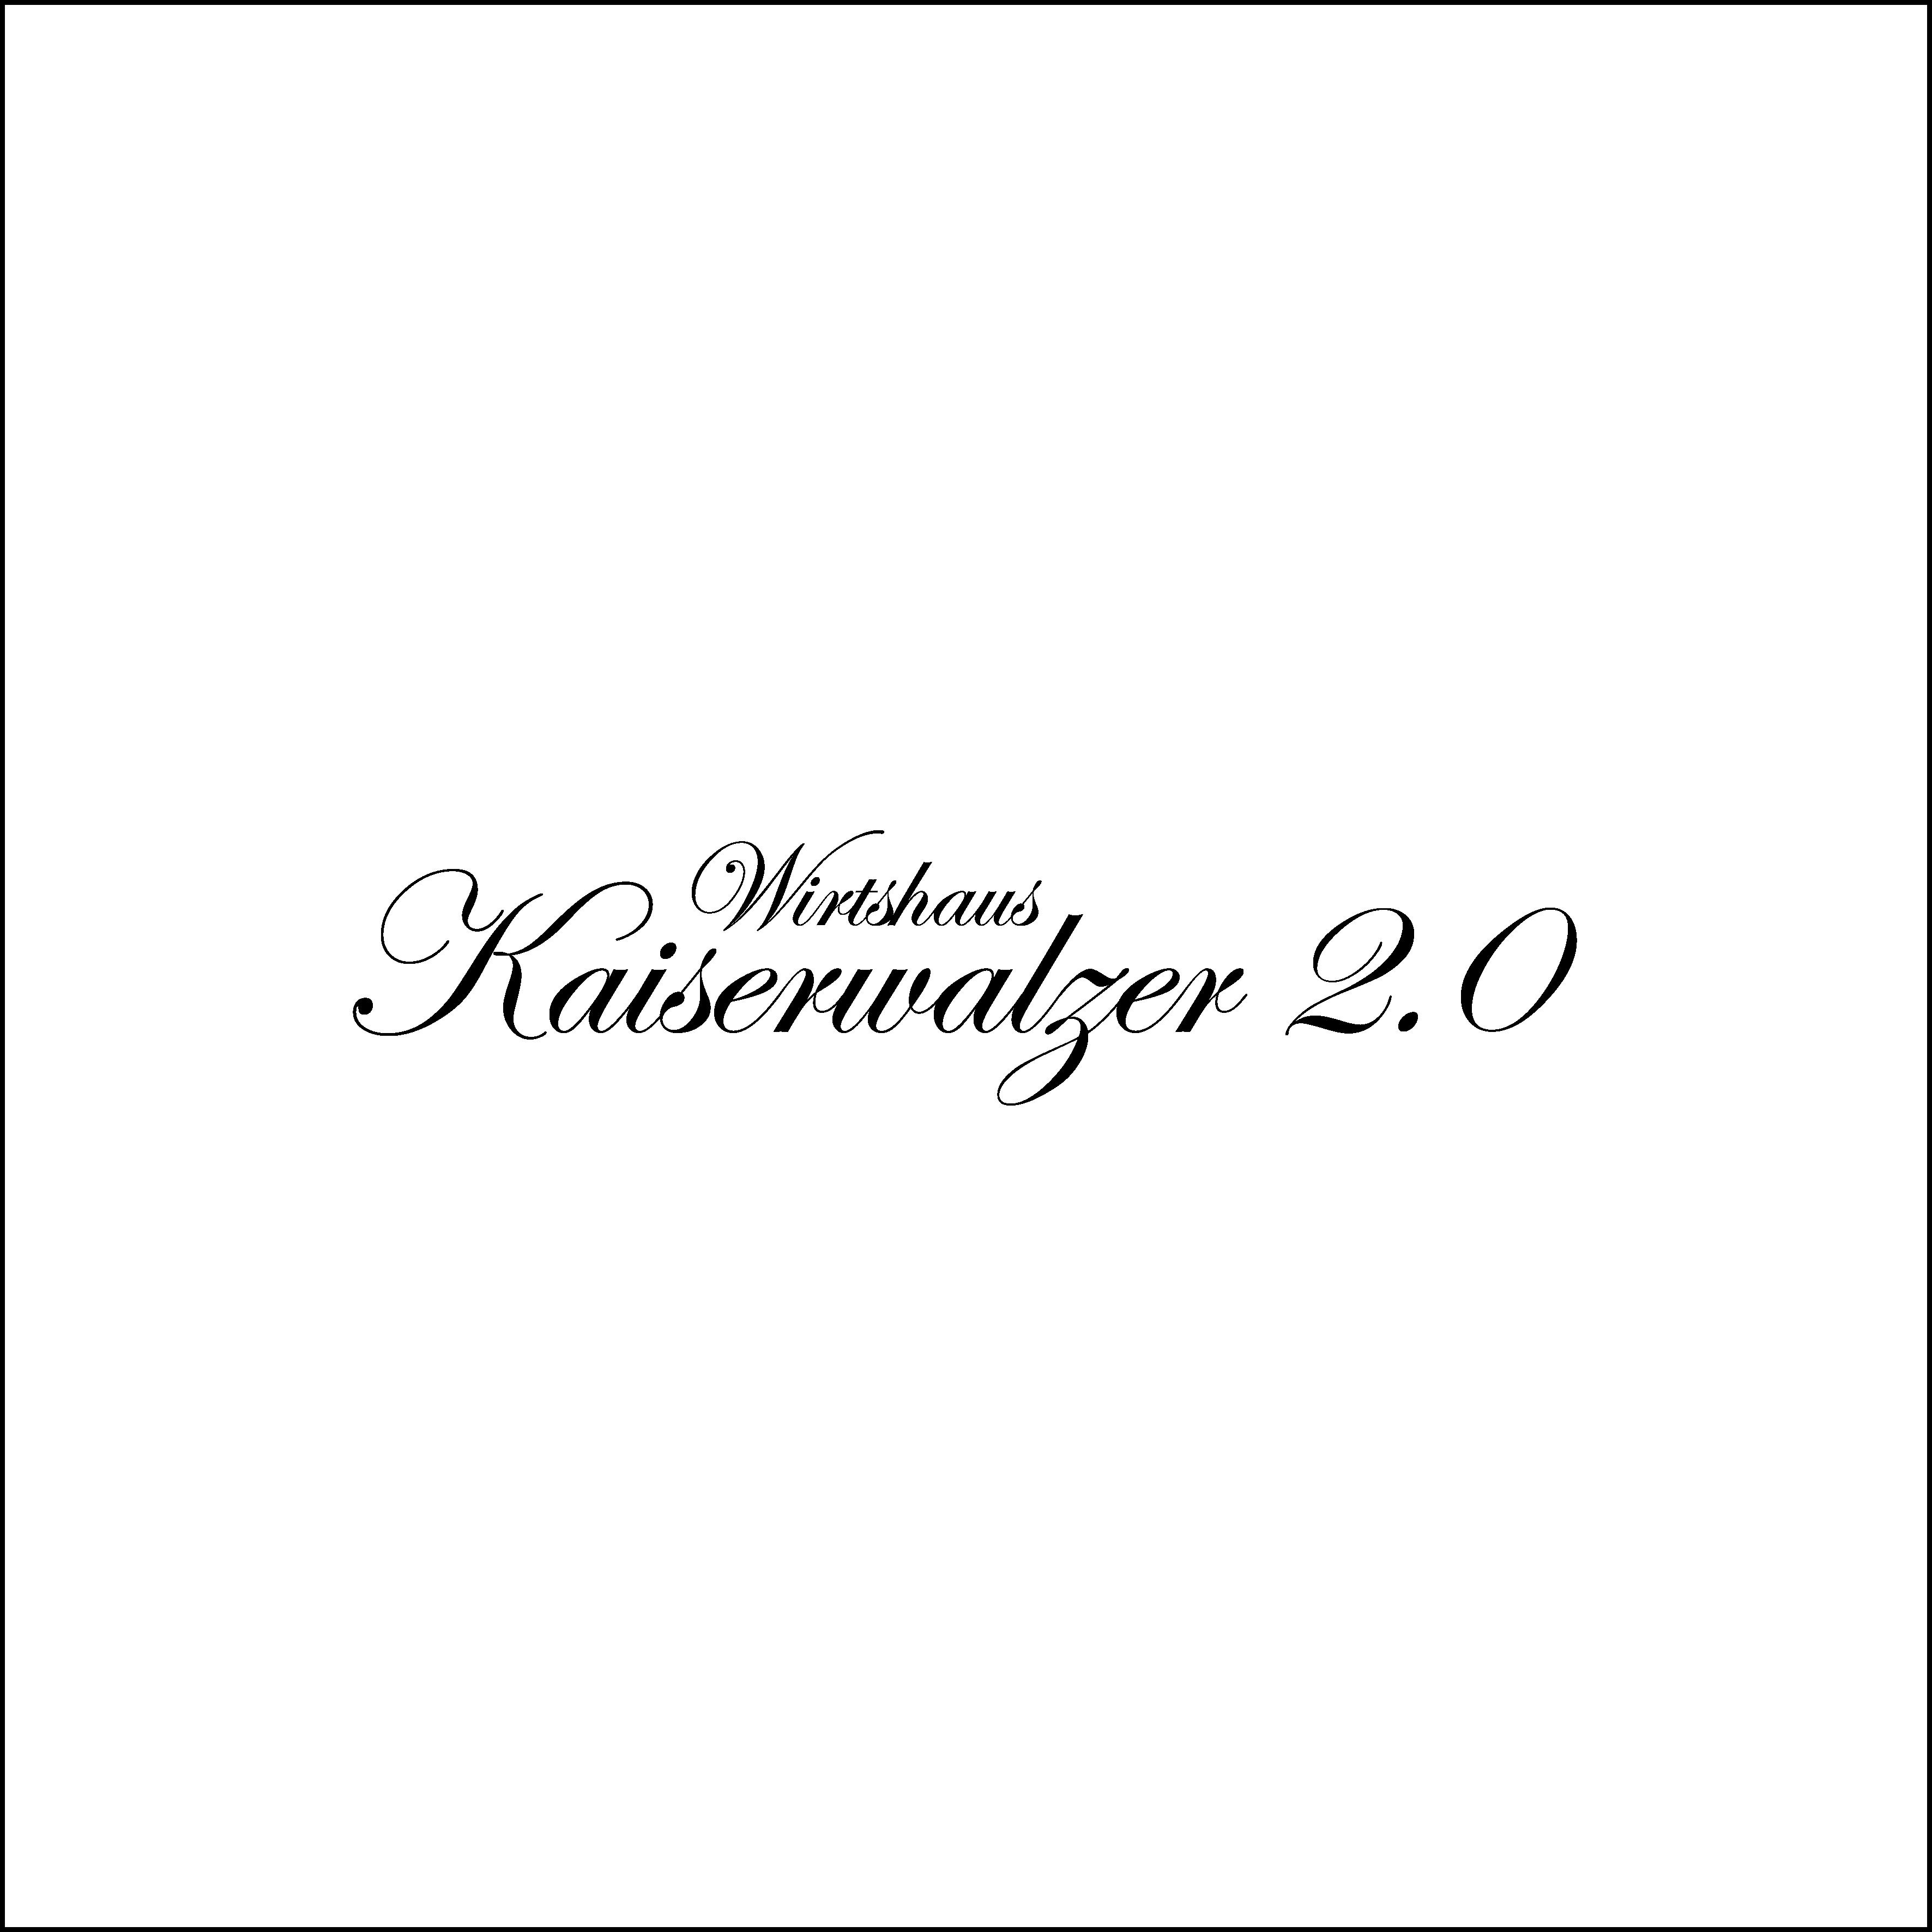 wirtshaus kaiserwalzer wien logo atelyay